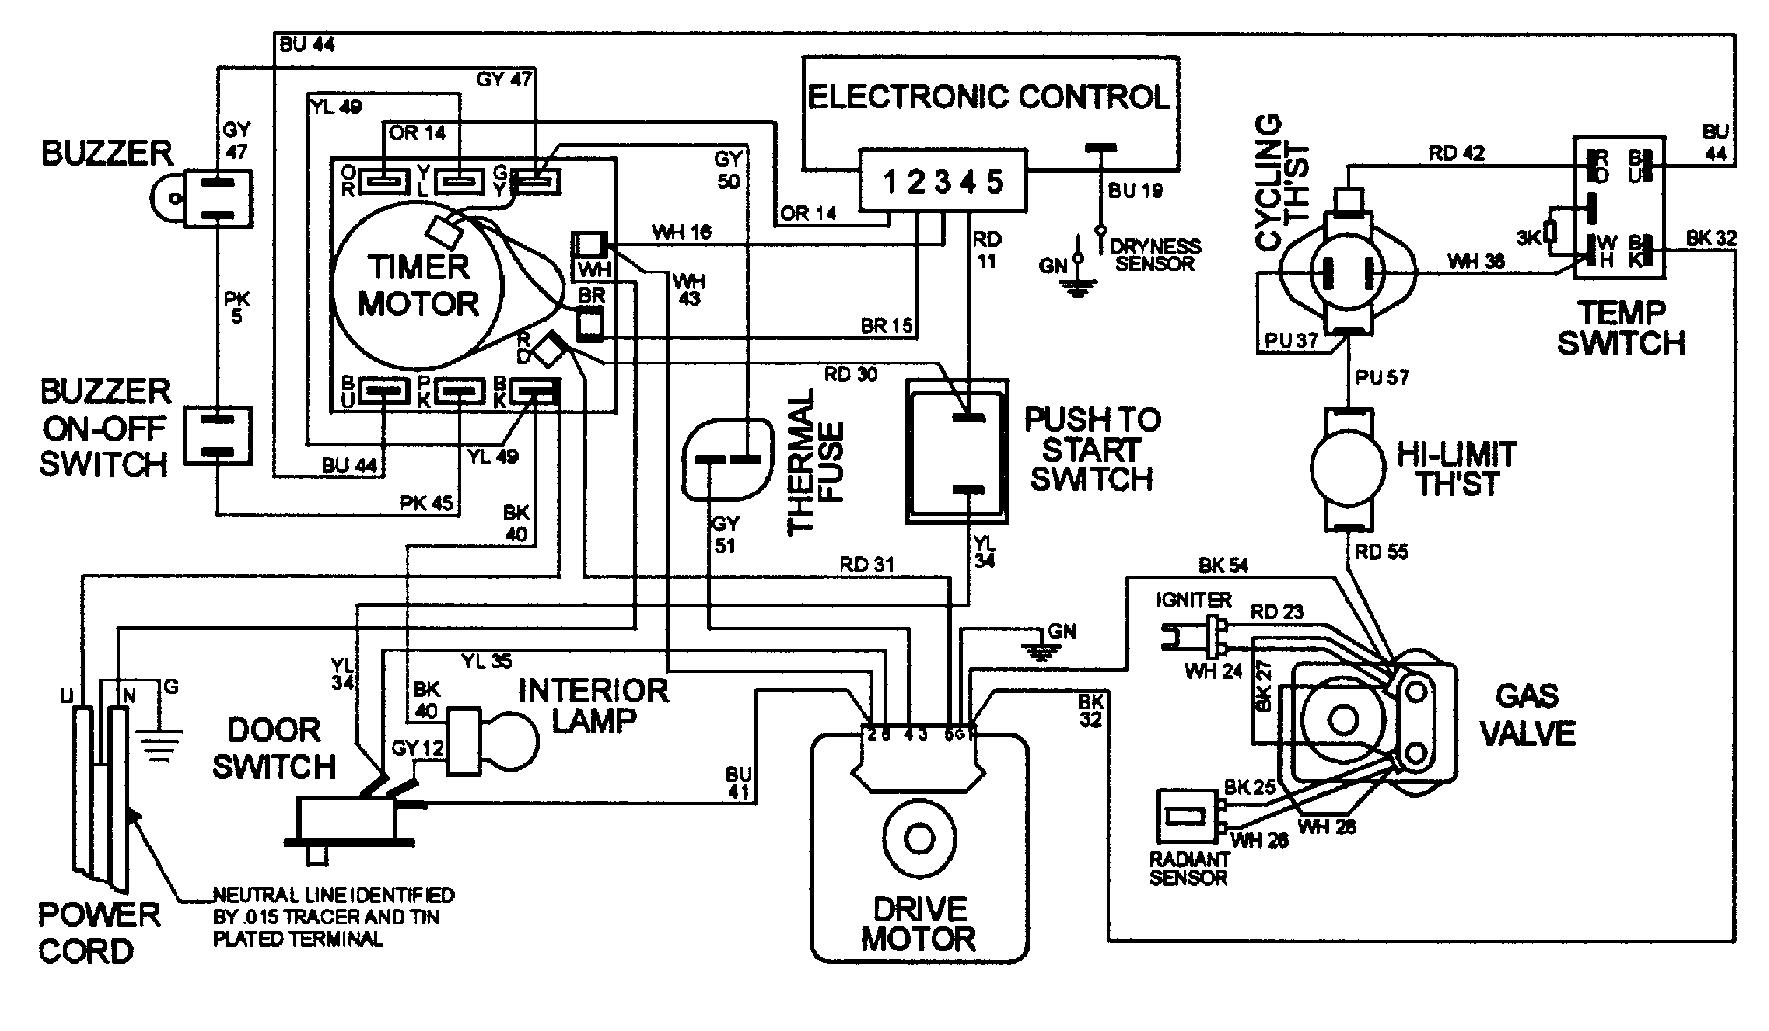 maytag electric gas dryer model mdg7057aww